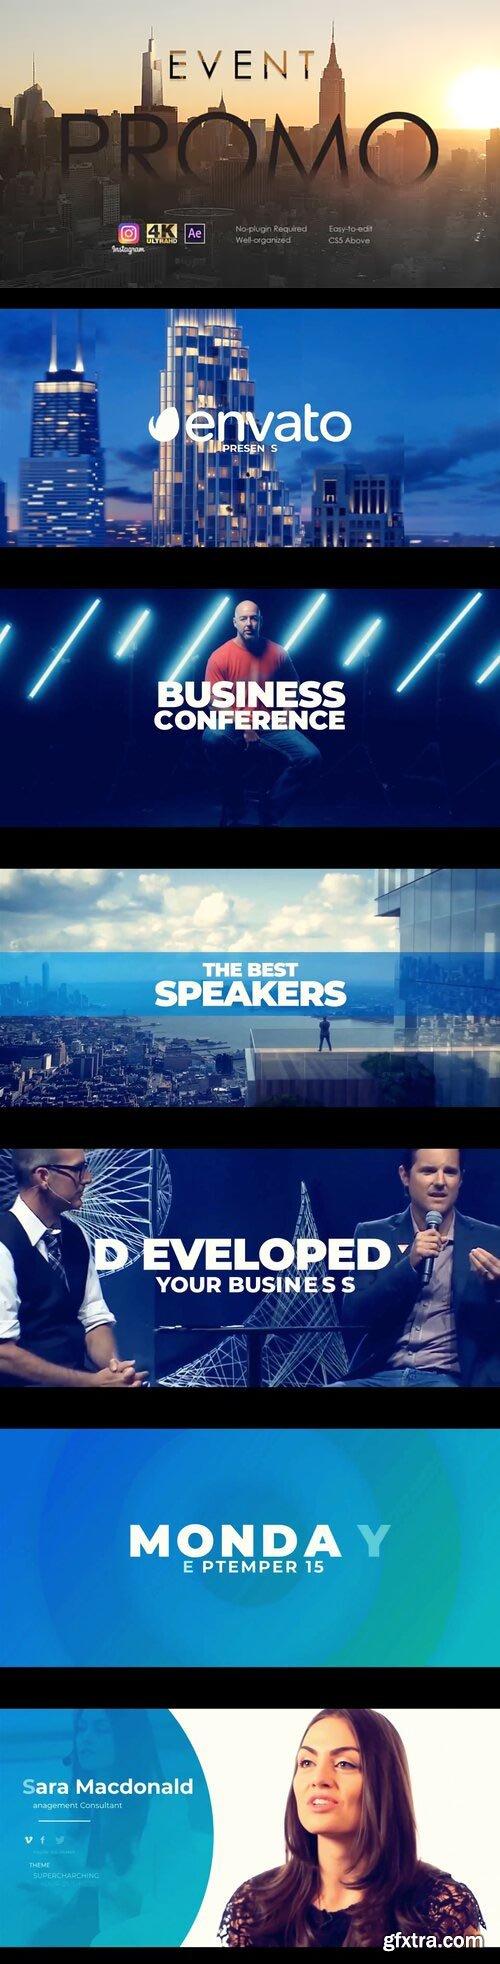 Videohive - Event Promo - 23154392